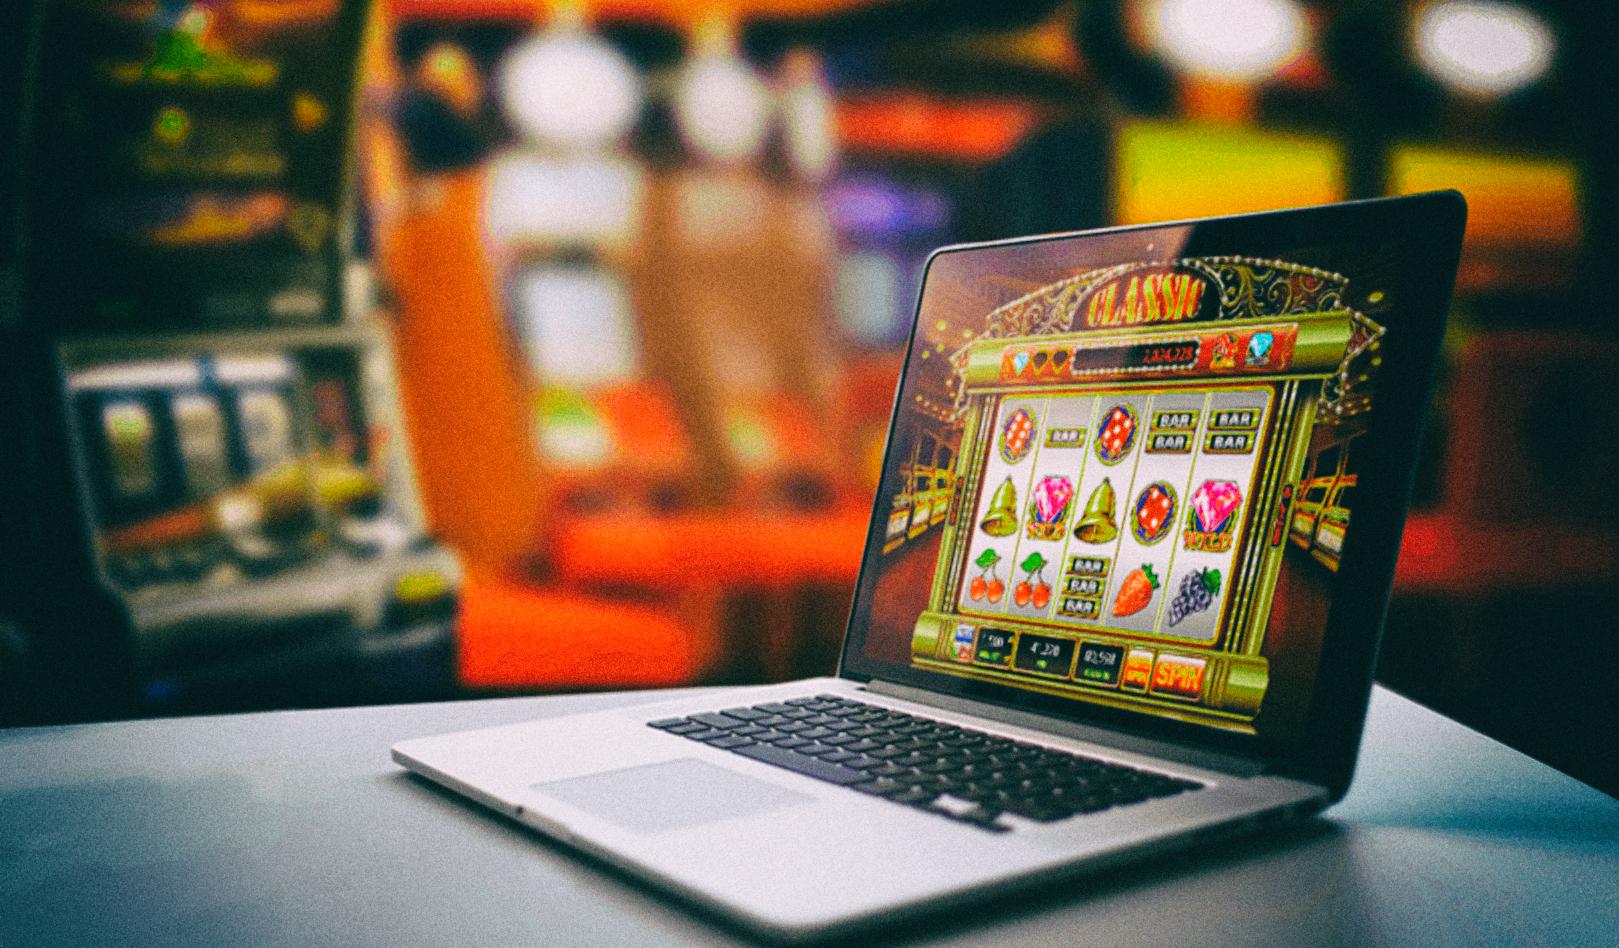 Преимущества игровых автоматов Слотокинг: выбирайте лучшие слоты